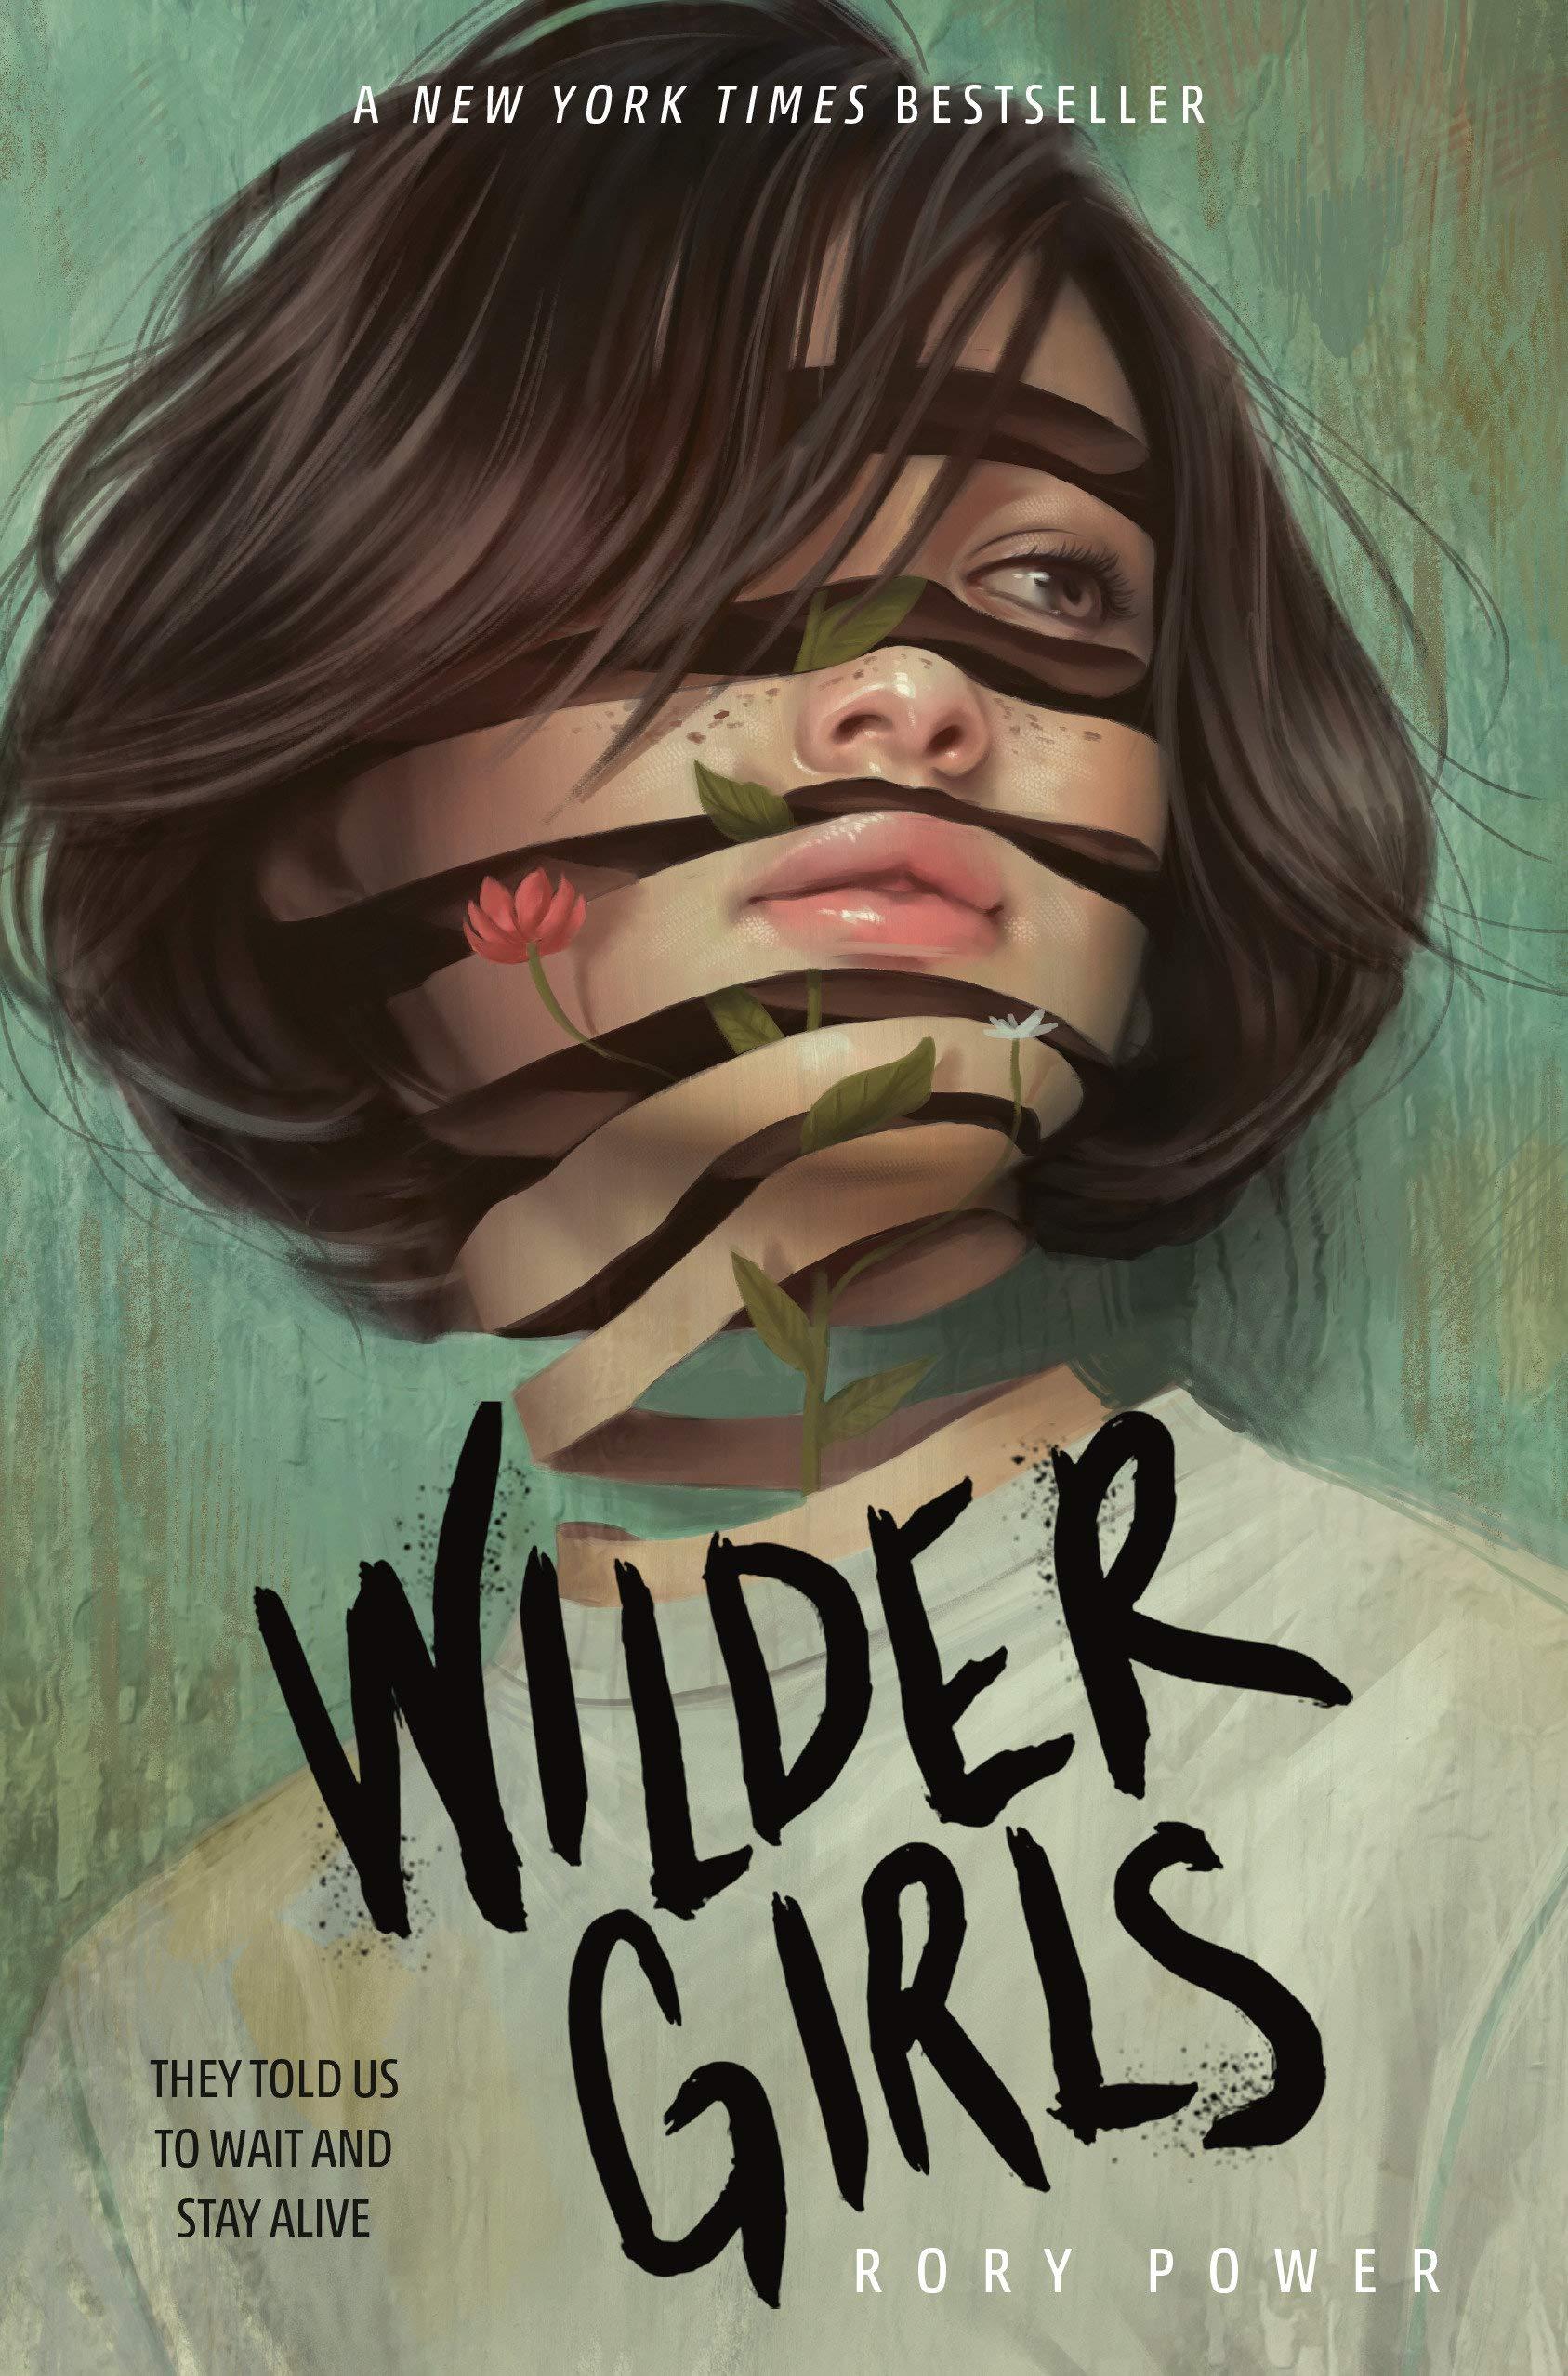 Amazon.com: Wilder Girls (9780525645580): Power, Rory: Books